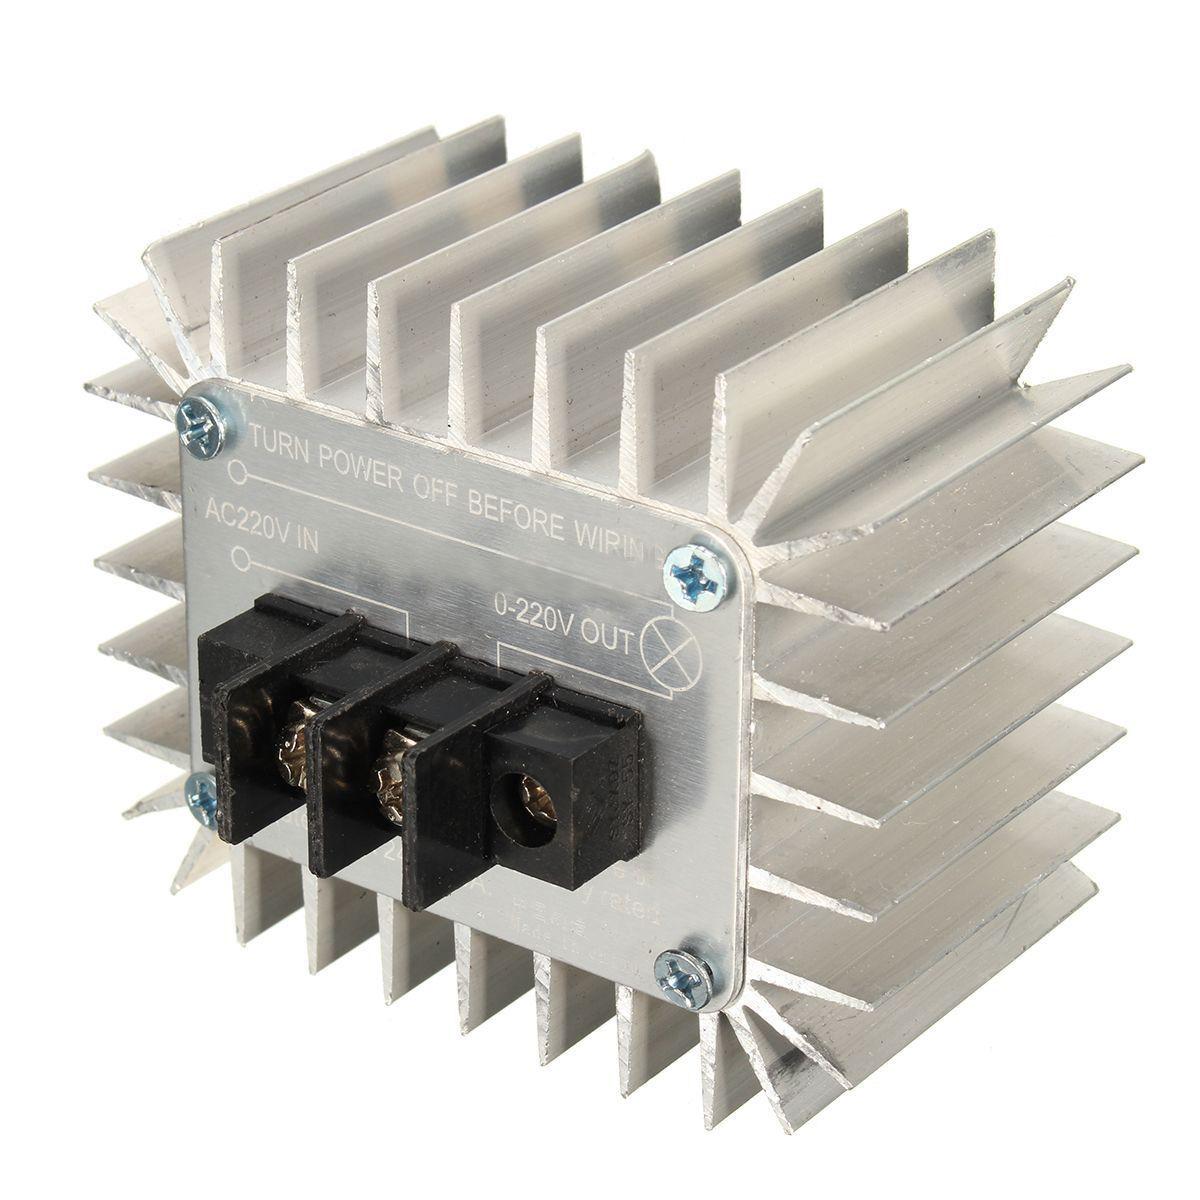 5000w 220v Ac Scr Motor Speed Controller Sh Ebay